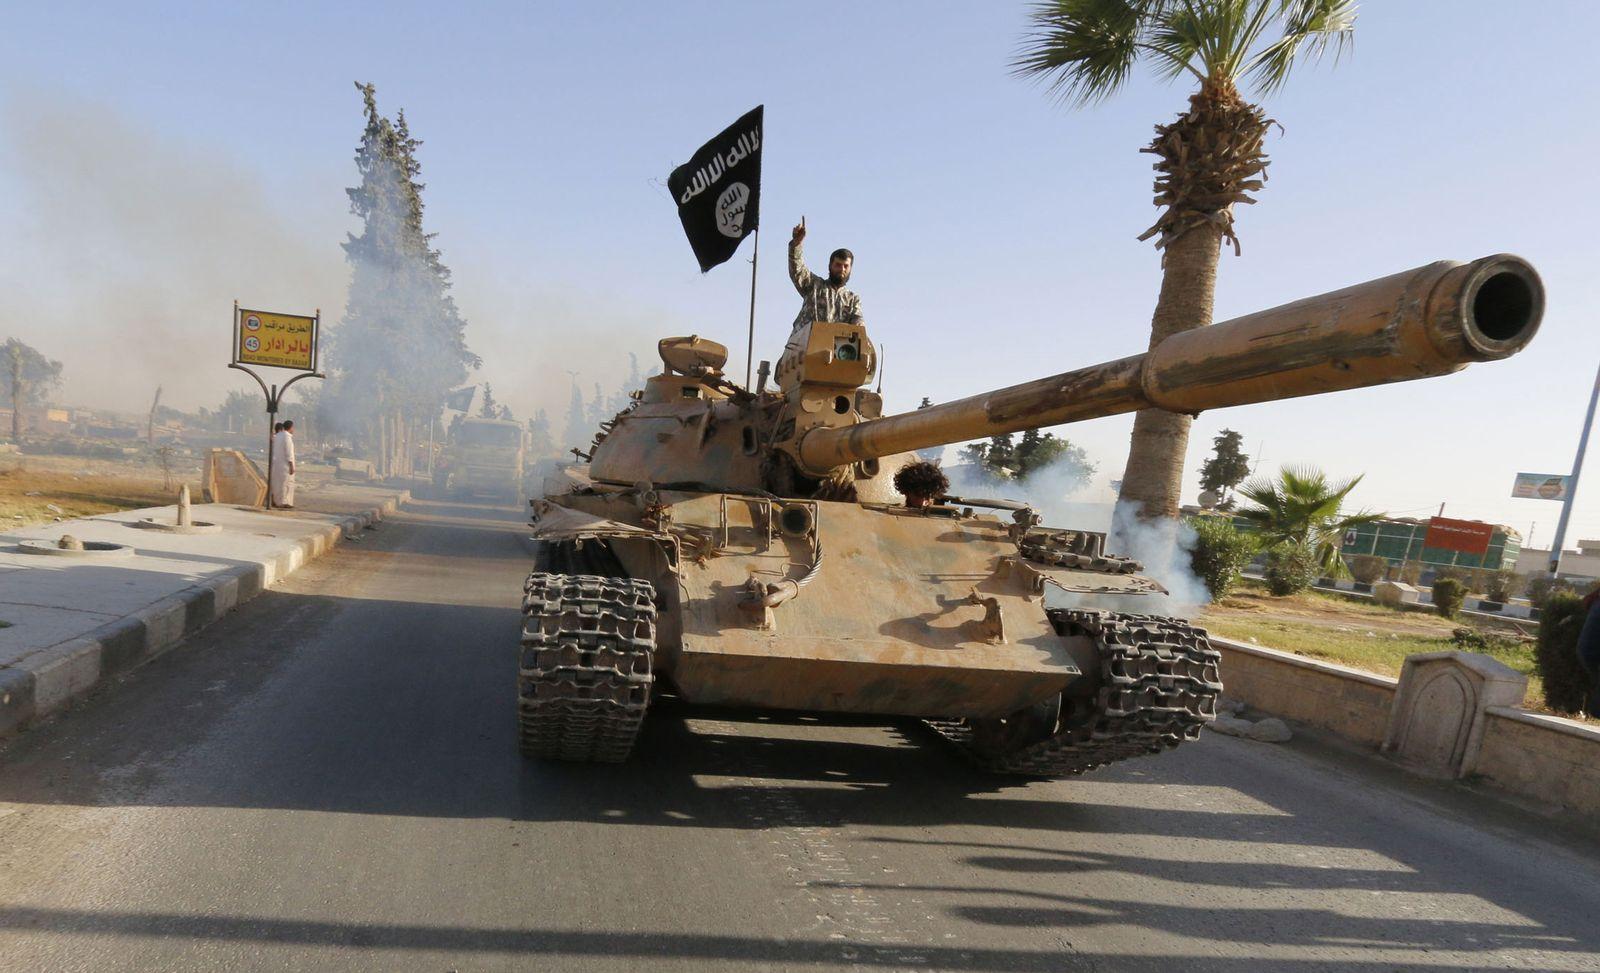 Foto: Un miliciano del autodenominado Estado Islámico durante un desfile militar en Raqqa, la capital del 'Califato' en Siria (Reuters)